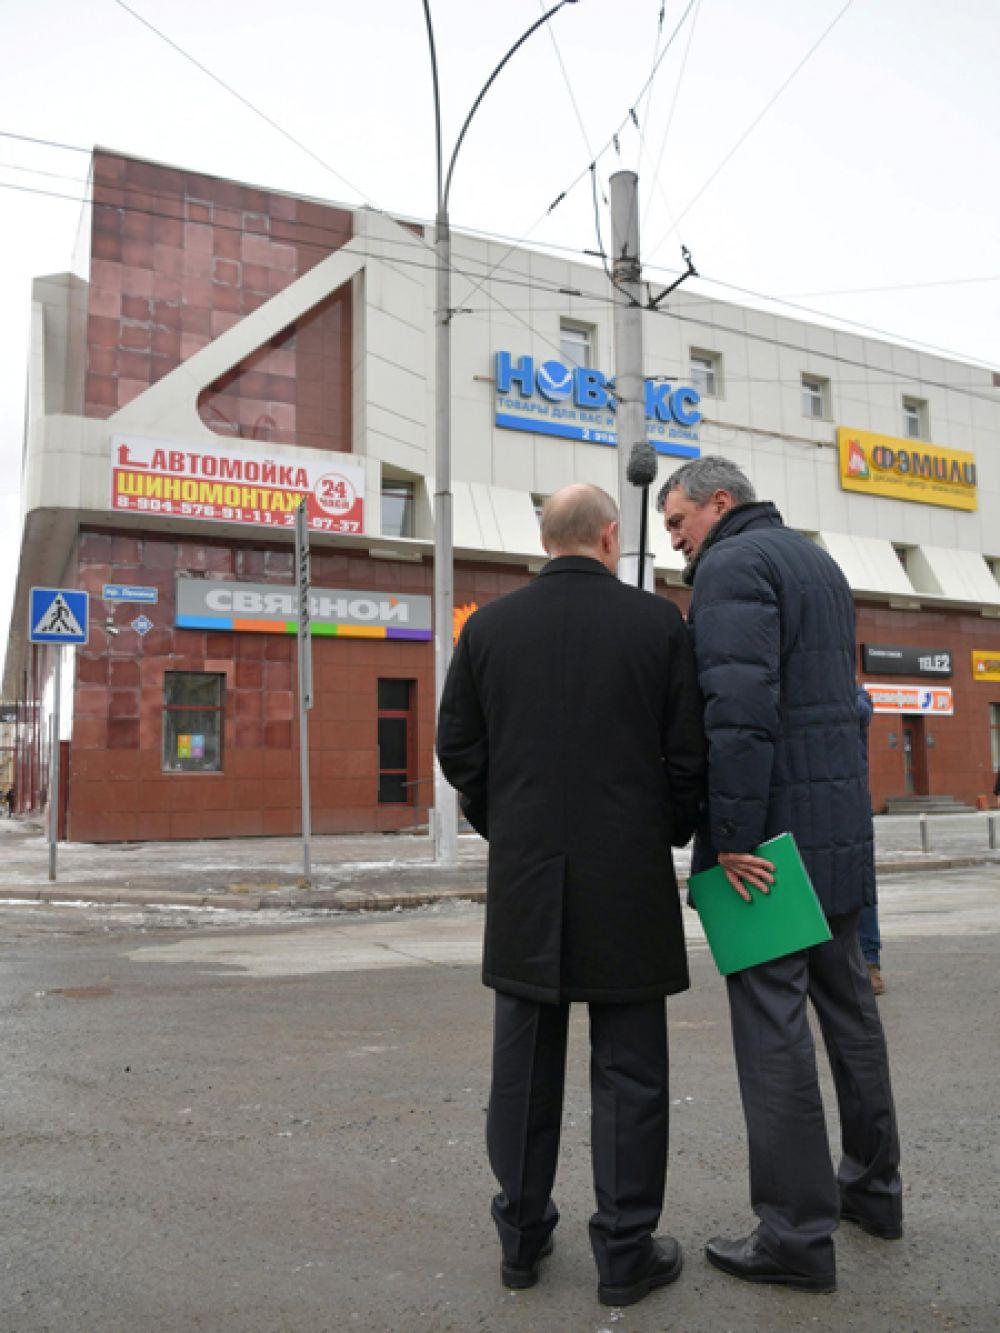 Президент осматривает фасад сгоревшего здания. Его сопровождает полпред президента РФ в Сибирском федеральном округе Сергей Меняйло.